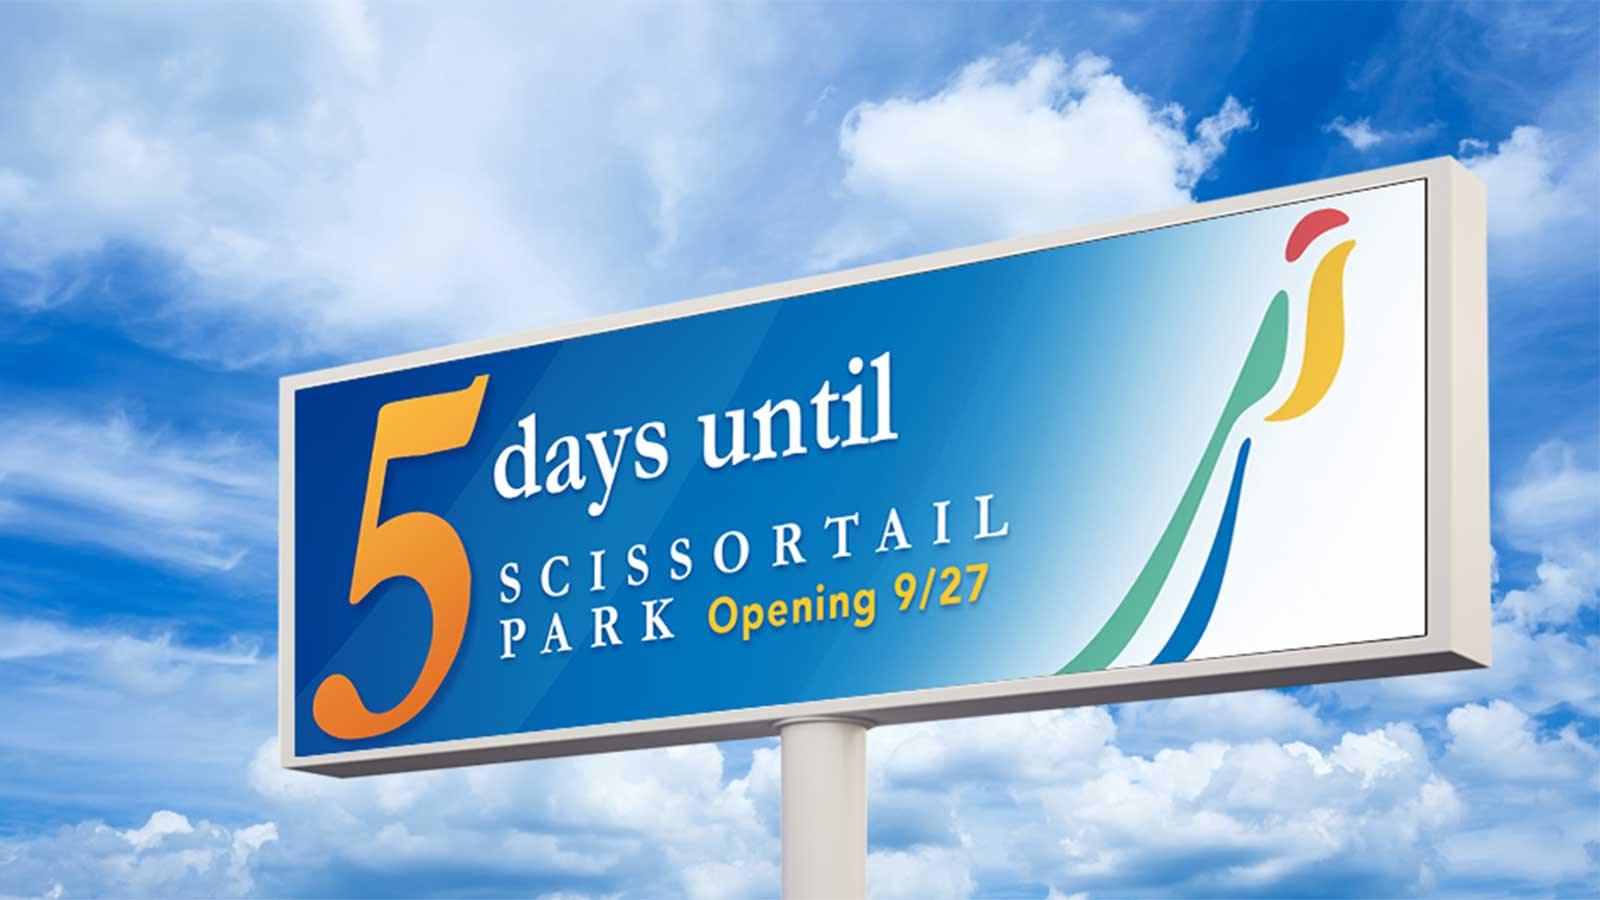 scp-billboard-03